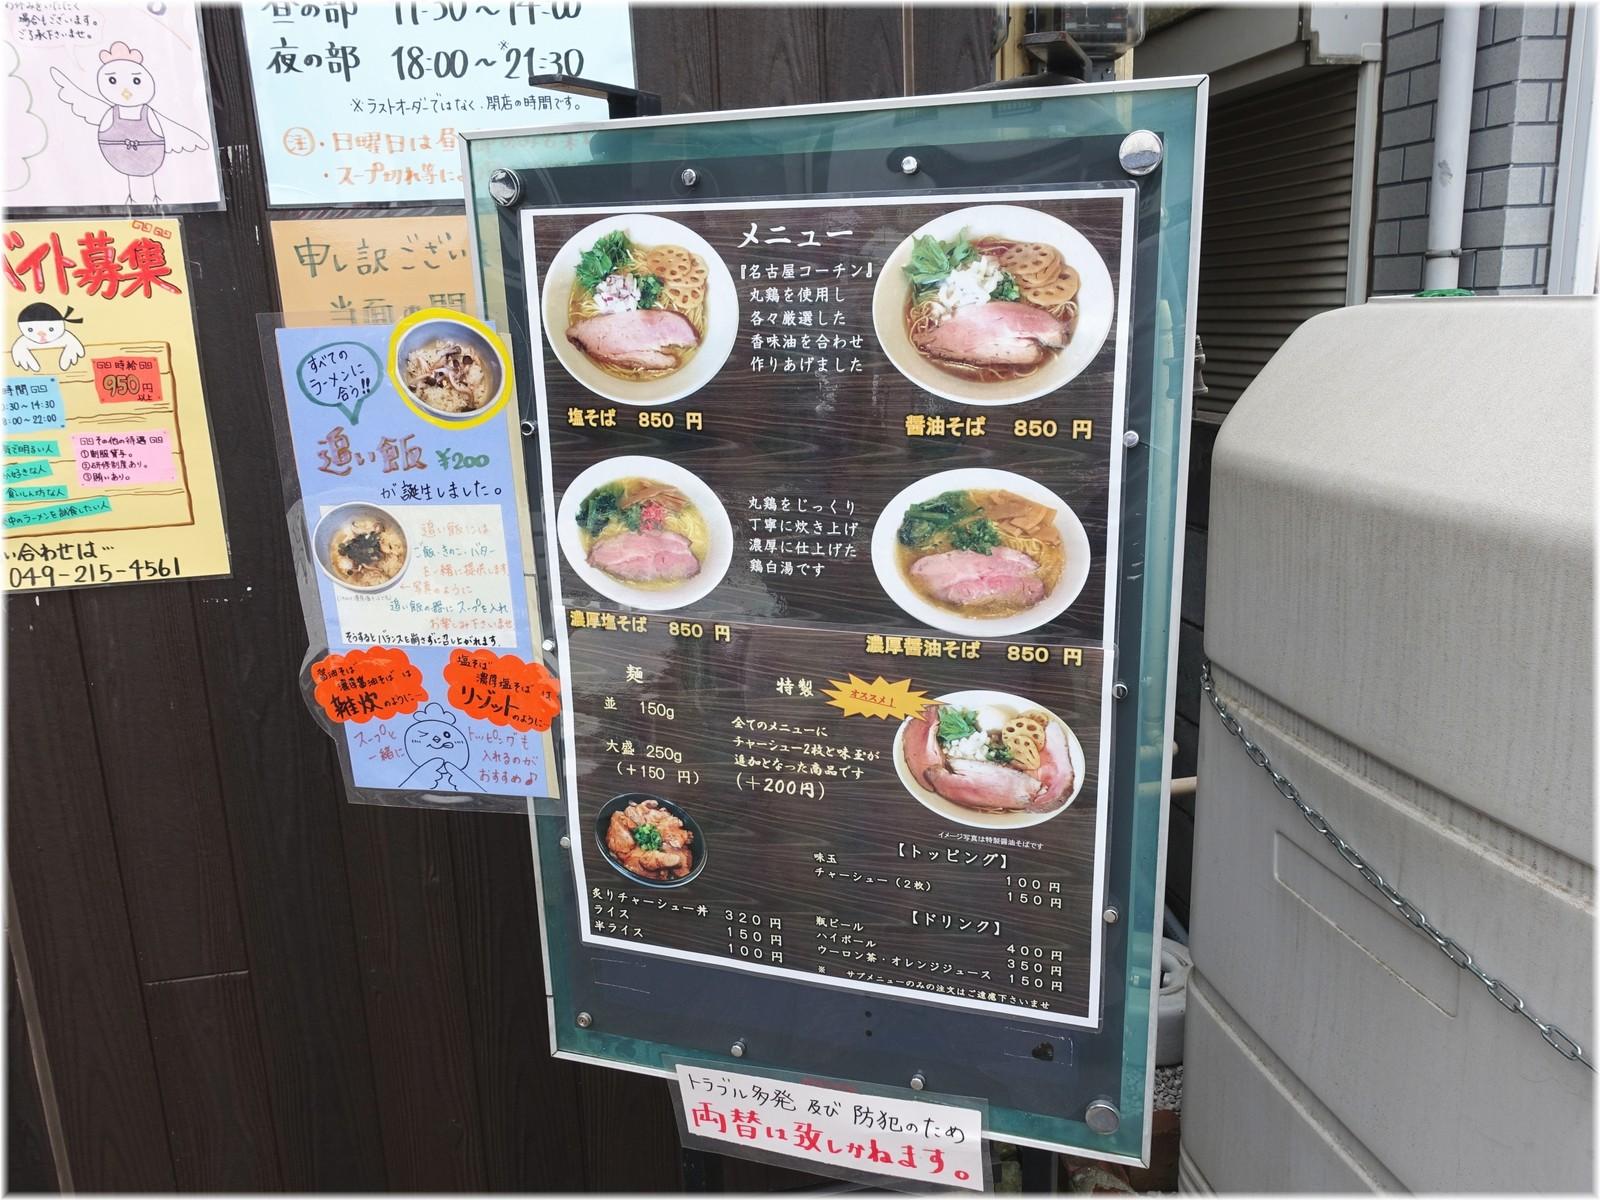 麺や 彩〜iro〜 メニュー